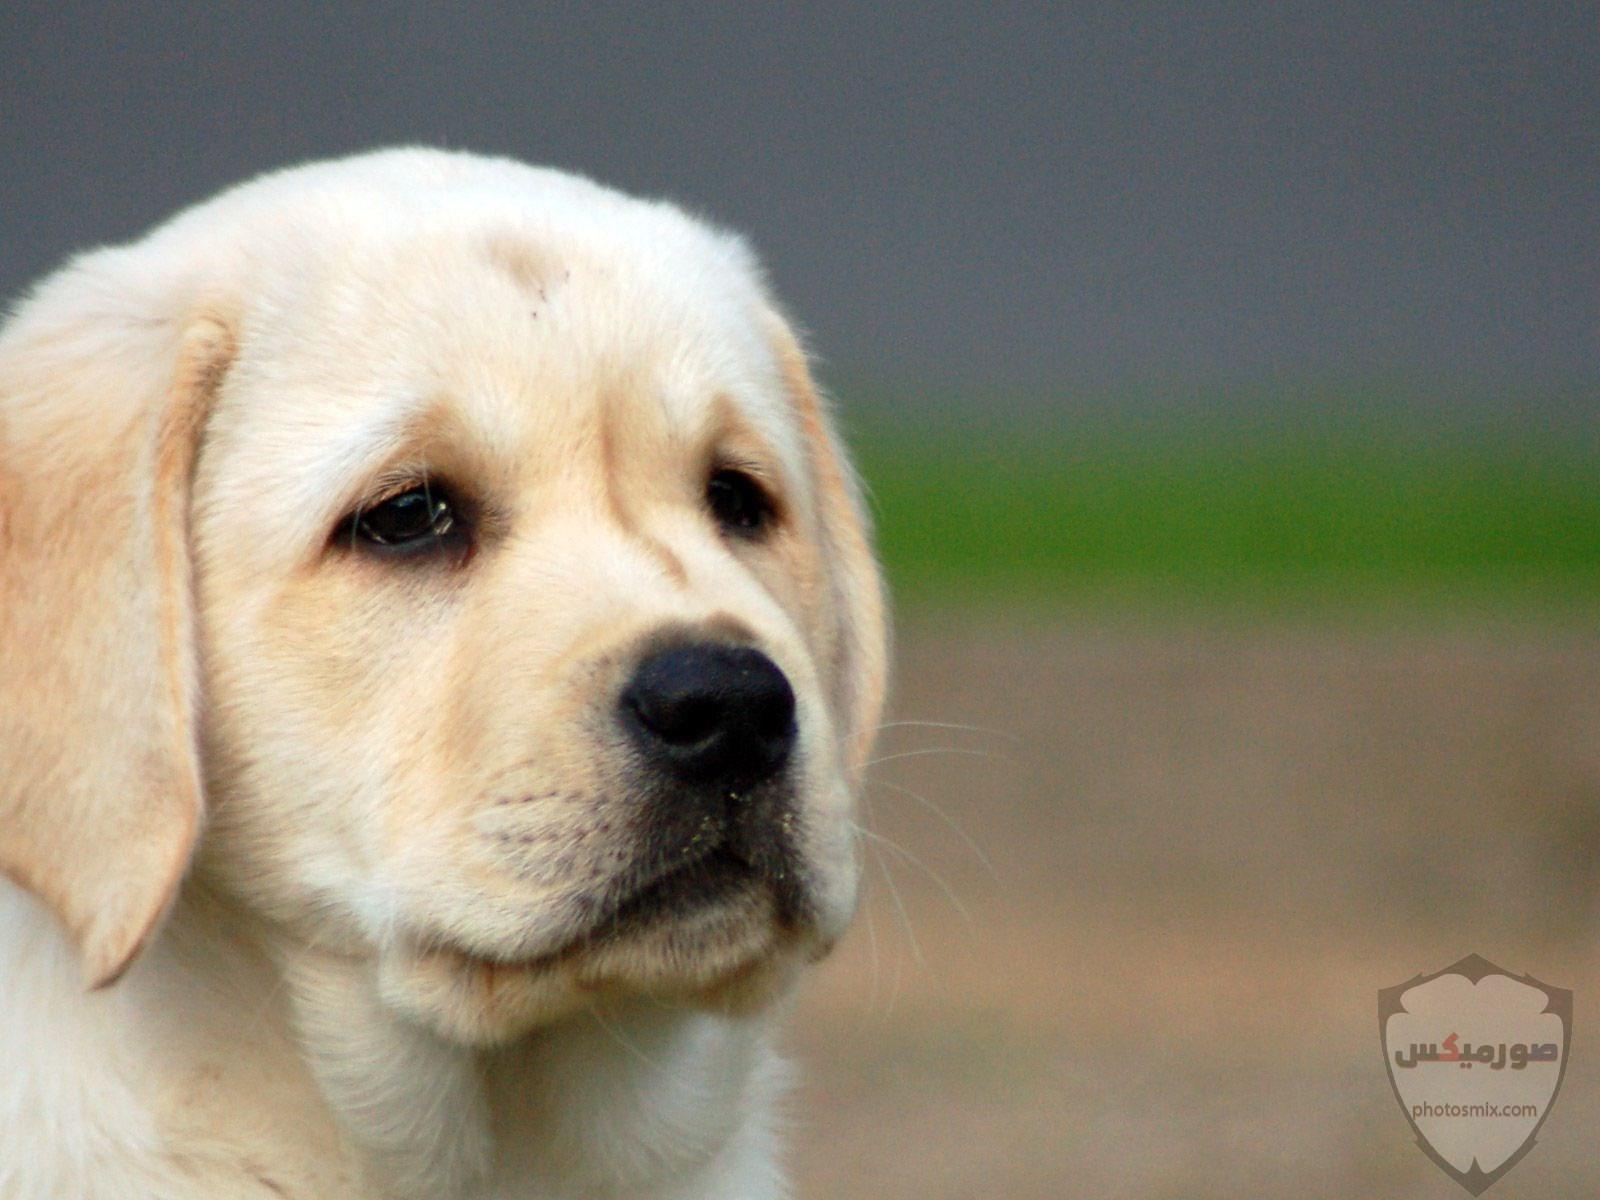 صور رمزيات خلفيات كلاب كيوت صورة كلب كيوت جدا 52